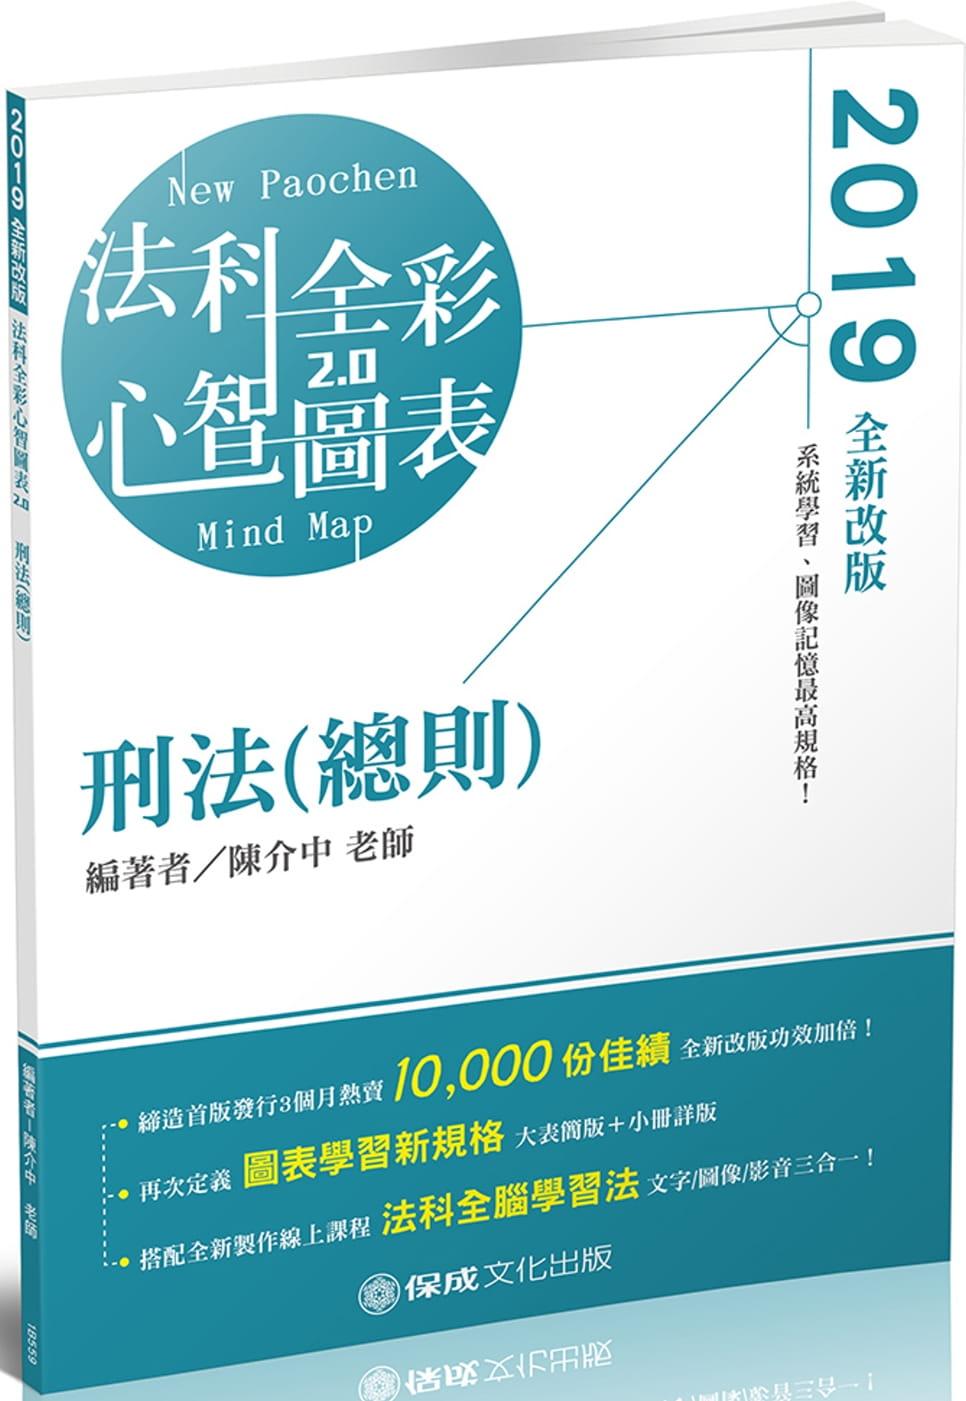 刑法(總則)法科全彩心智圖表2.0= New Paochen Mind Map